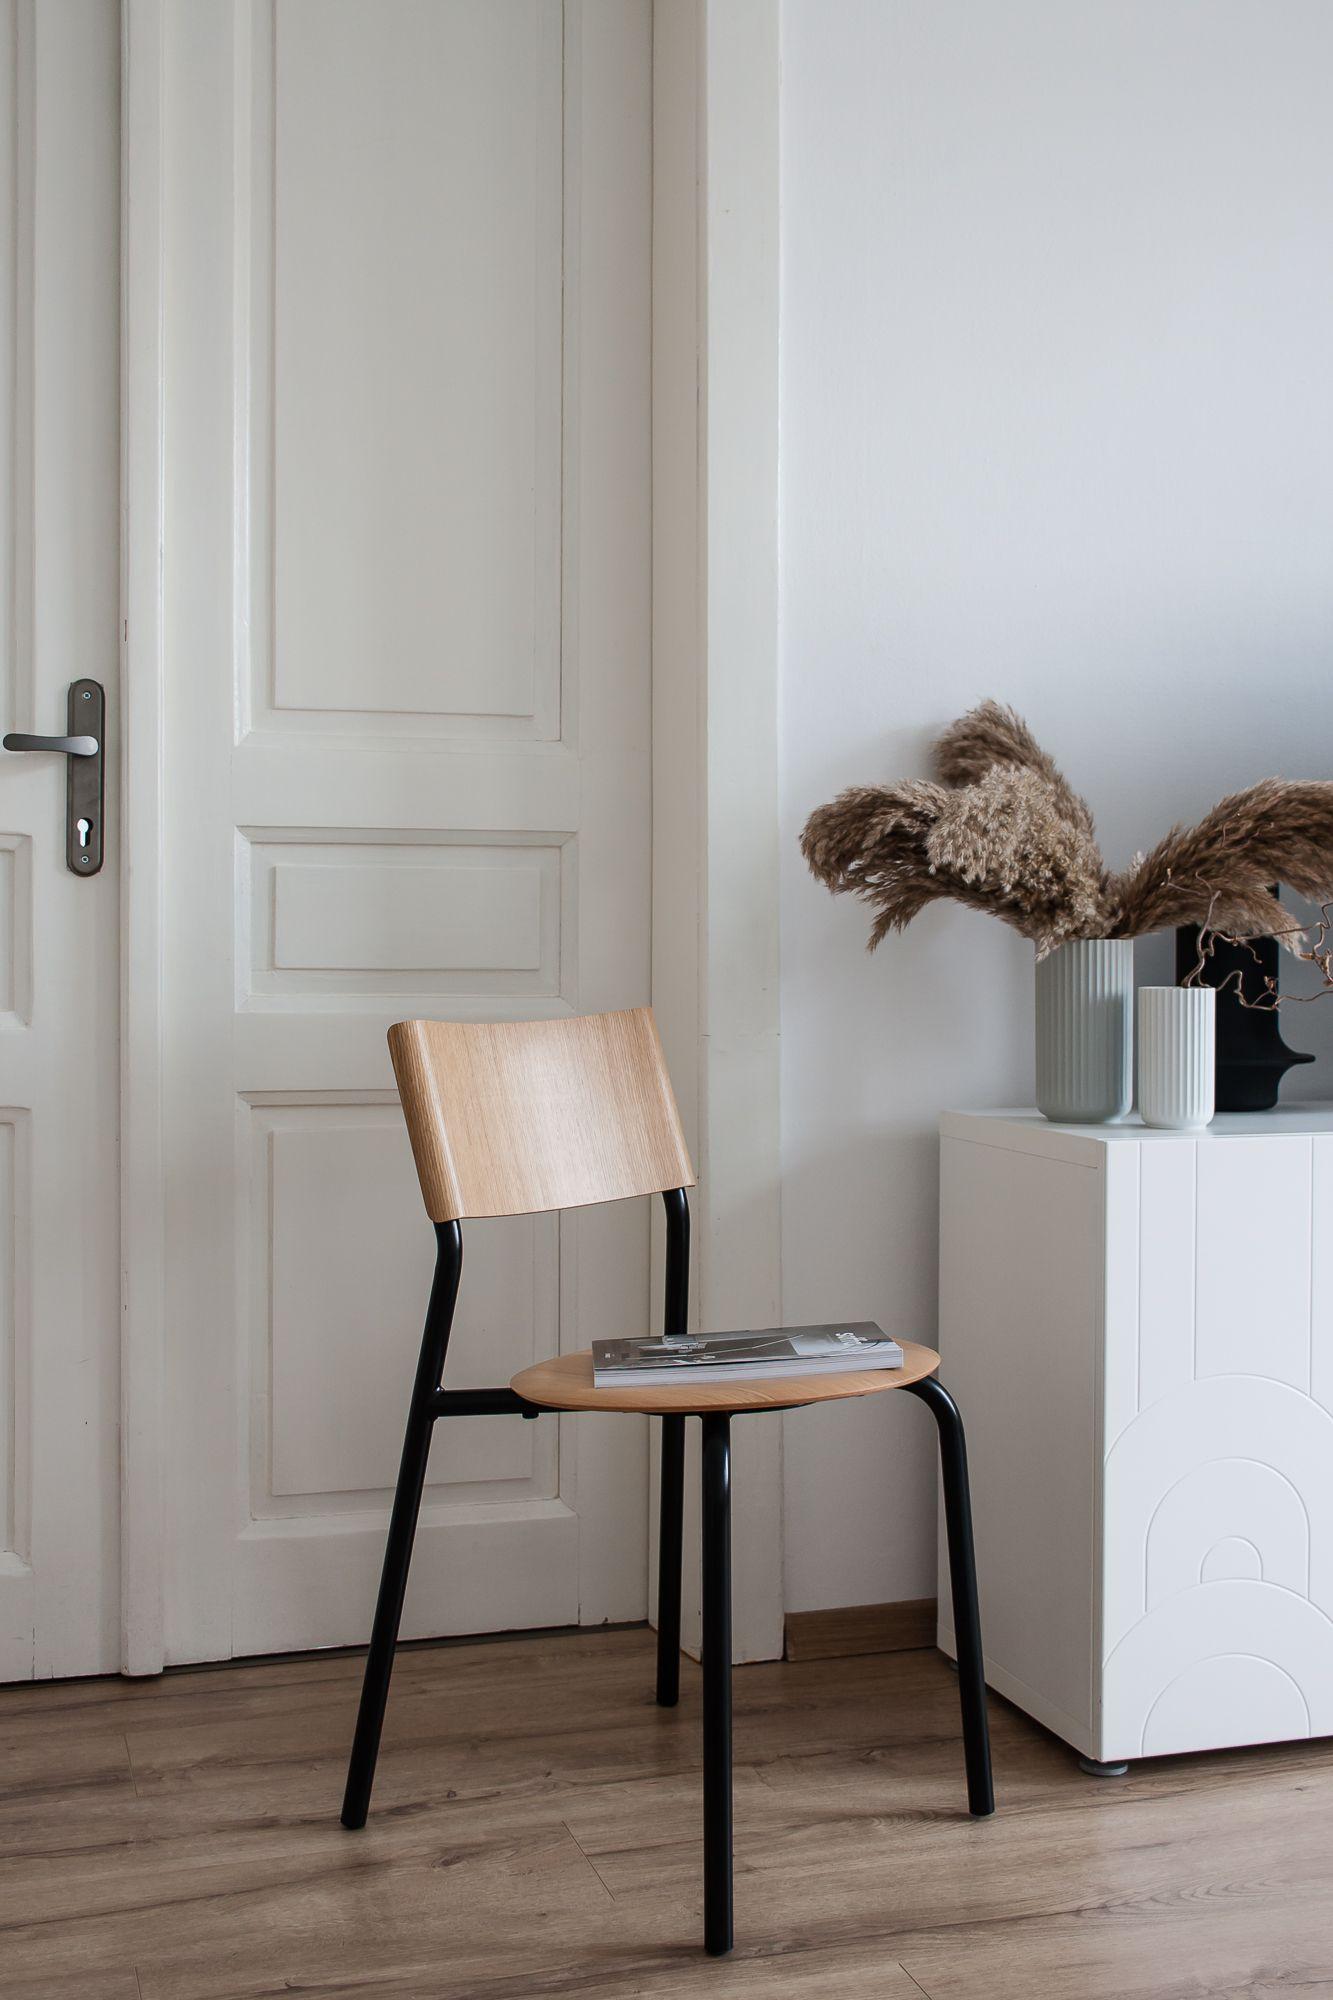 Chaise Ssd Simple Solide Et Durable Par Tiptoe Fabrication 100 Europeenne Avec Des Materiaux Nobles En 2020 Mobilier De Salon Pied De Table Design Meuble Unique